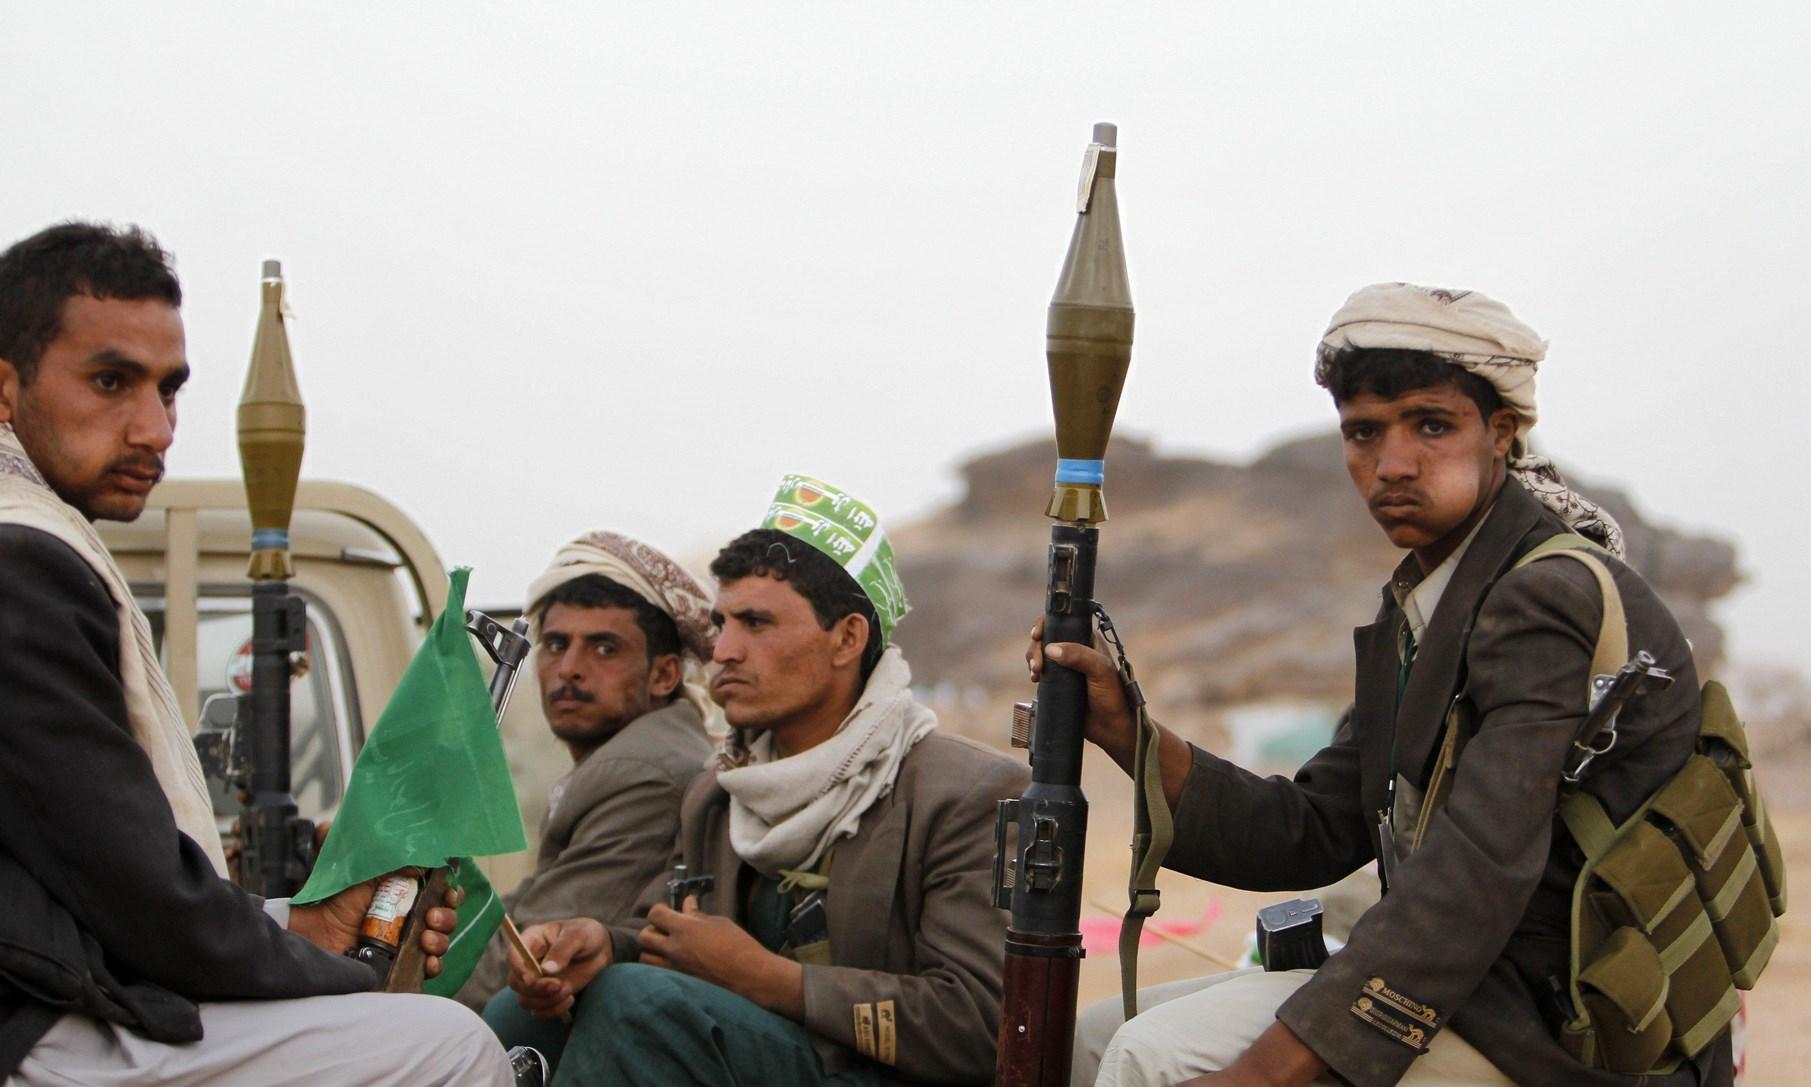 التحالف العربي يدعو لاتخاذ إجراءات صارمة تجاه انتهاكات الحوثيين